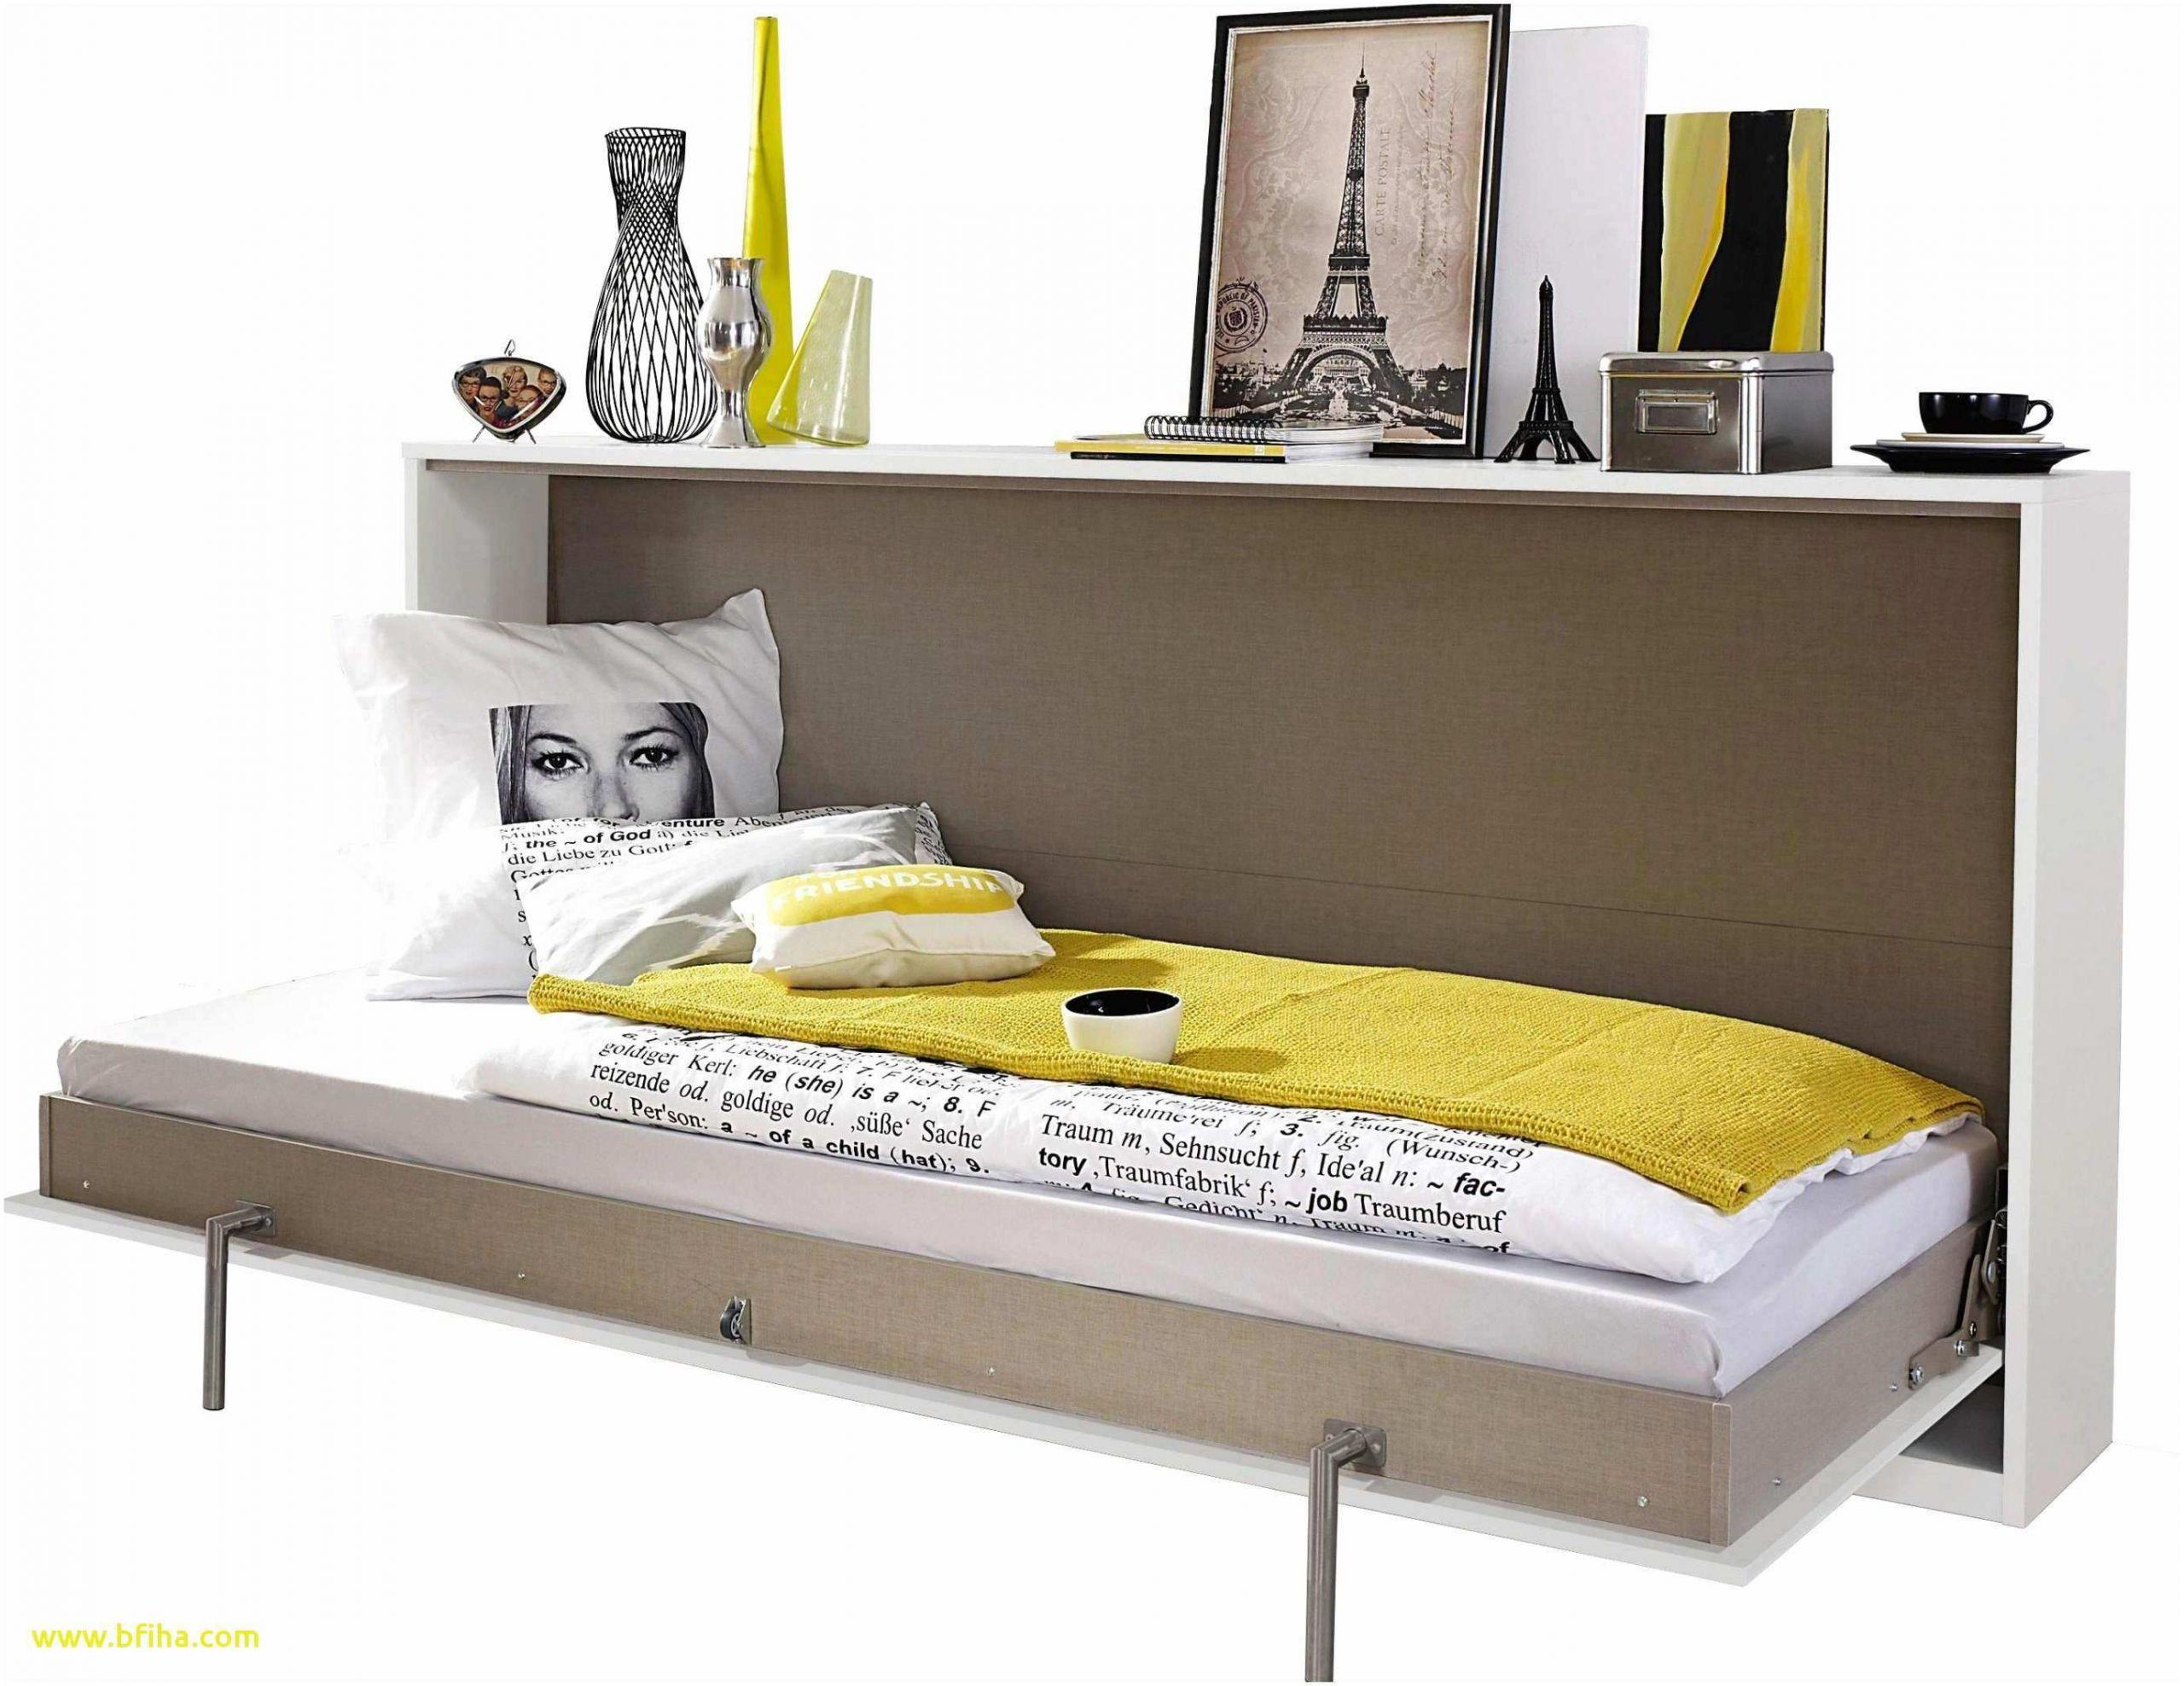 kommode fur wohnzimmer schon 30 luxus von kommode weis 200 cm planen of kommode fur wohnzimmer